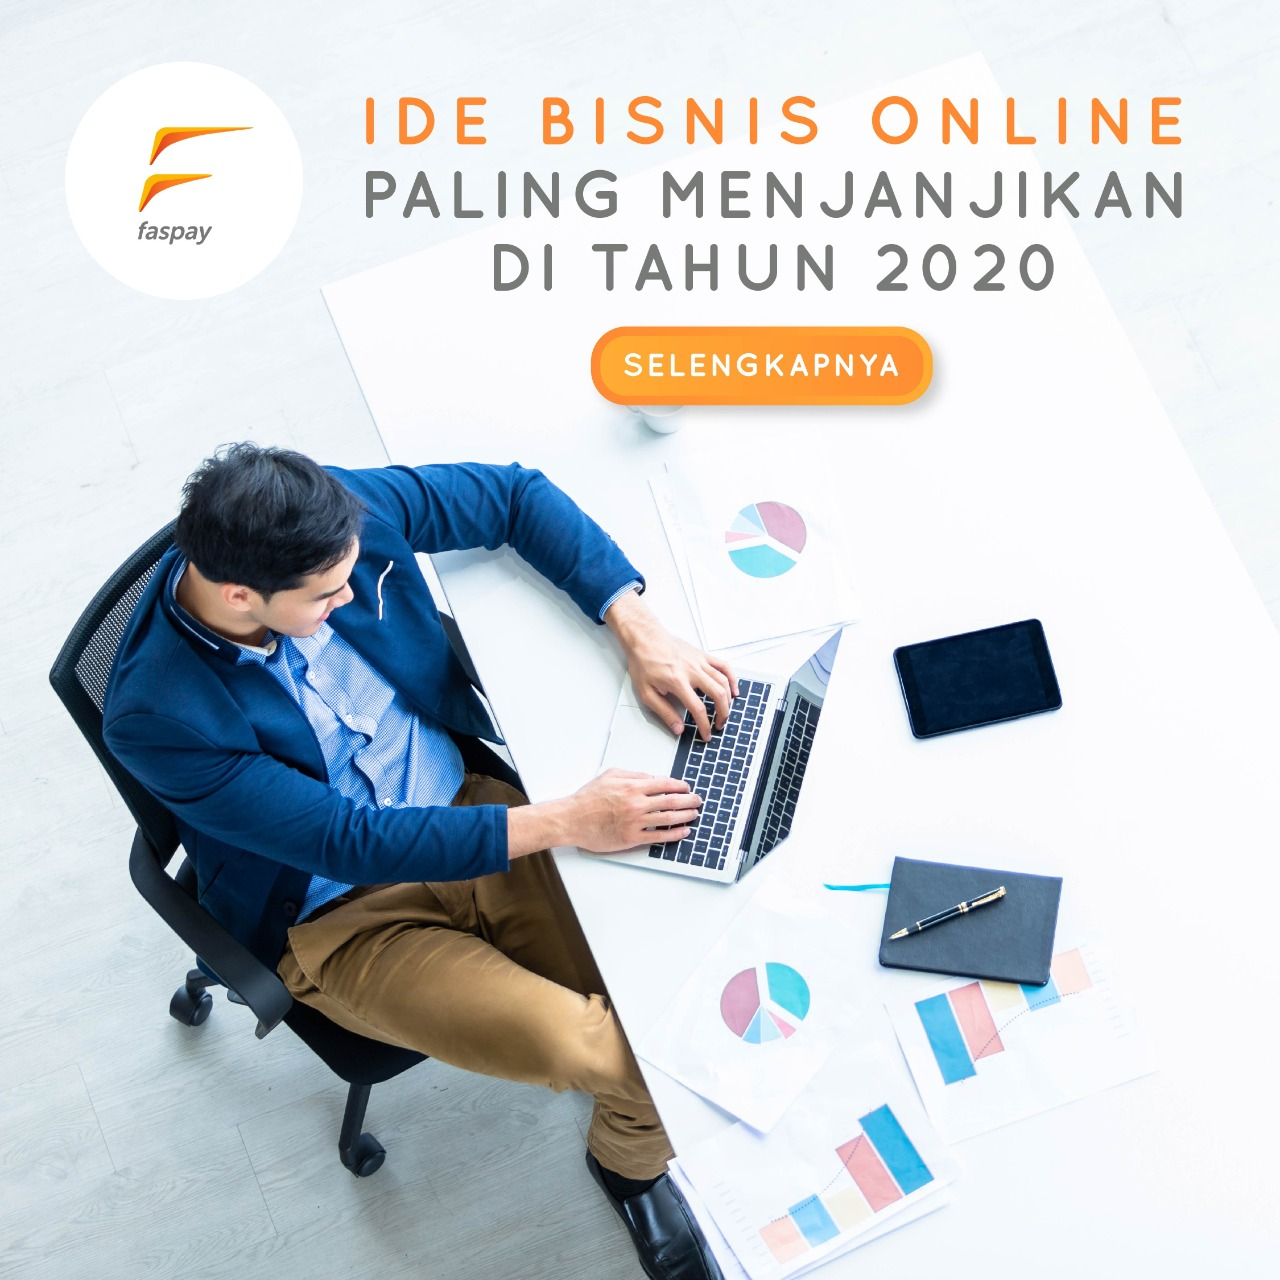 Ide Bisnis Online Paling Menjanjikan Di Tahun 2020 Faspay